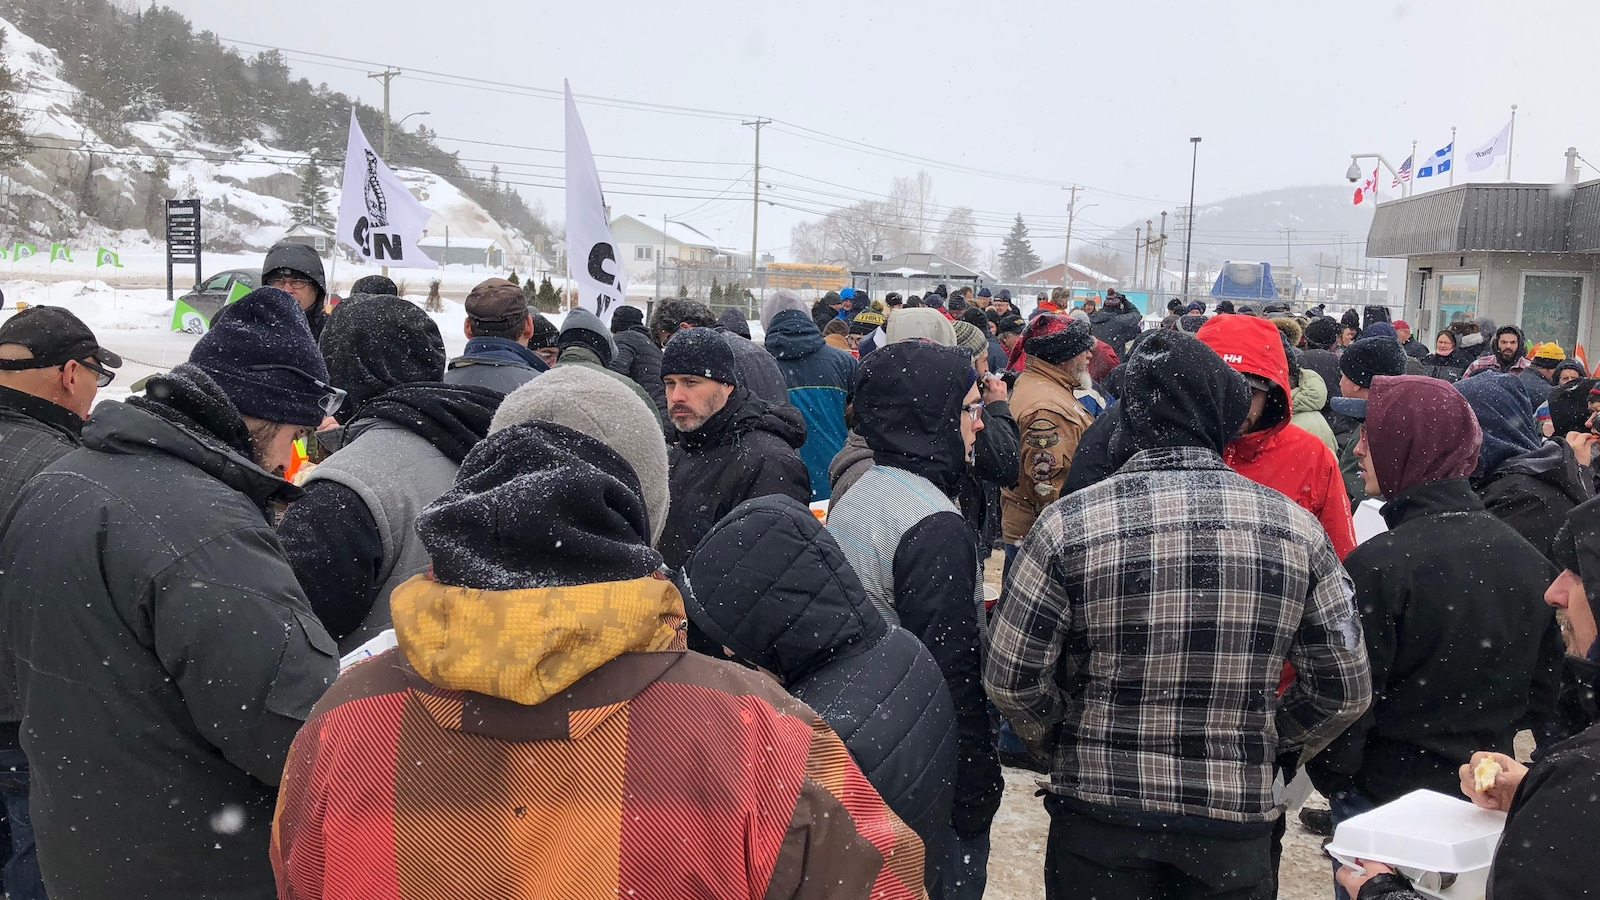 Plusieurs personnes sont rassemblées à l'extérieur de l'usine Bombardier.